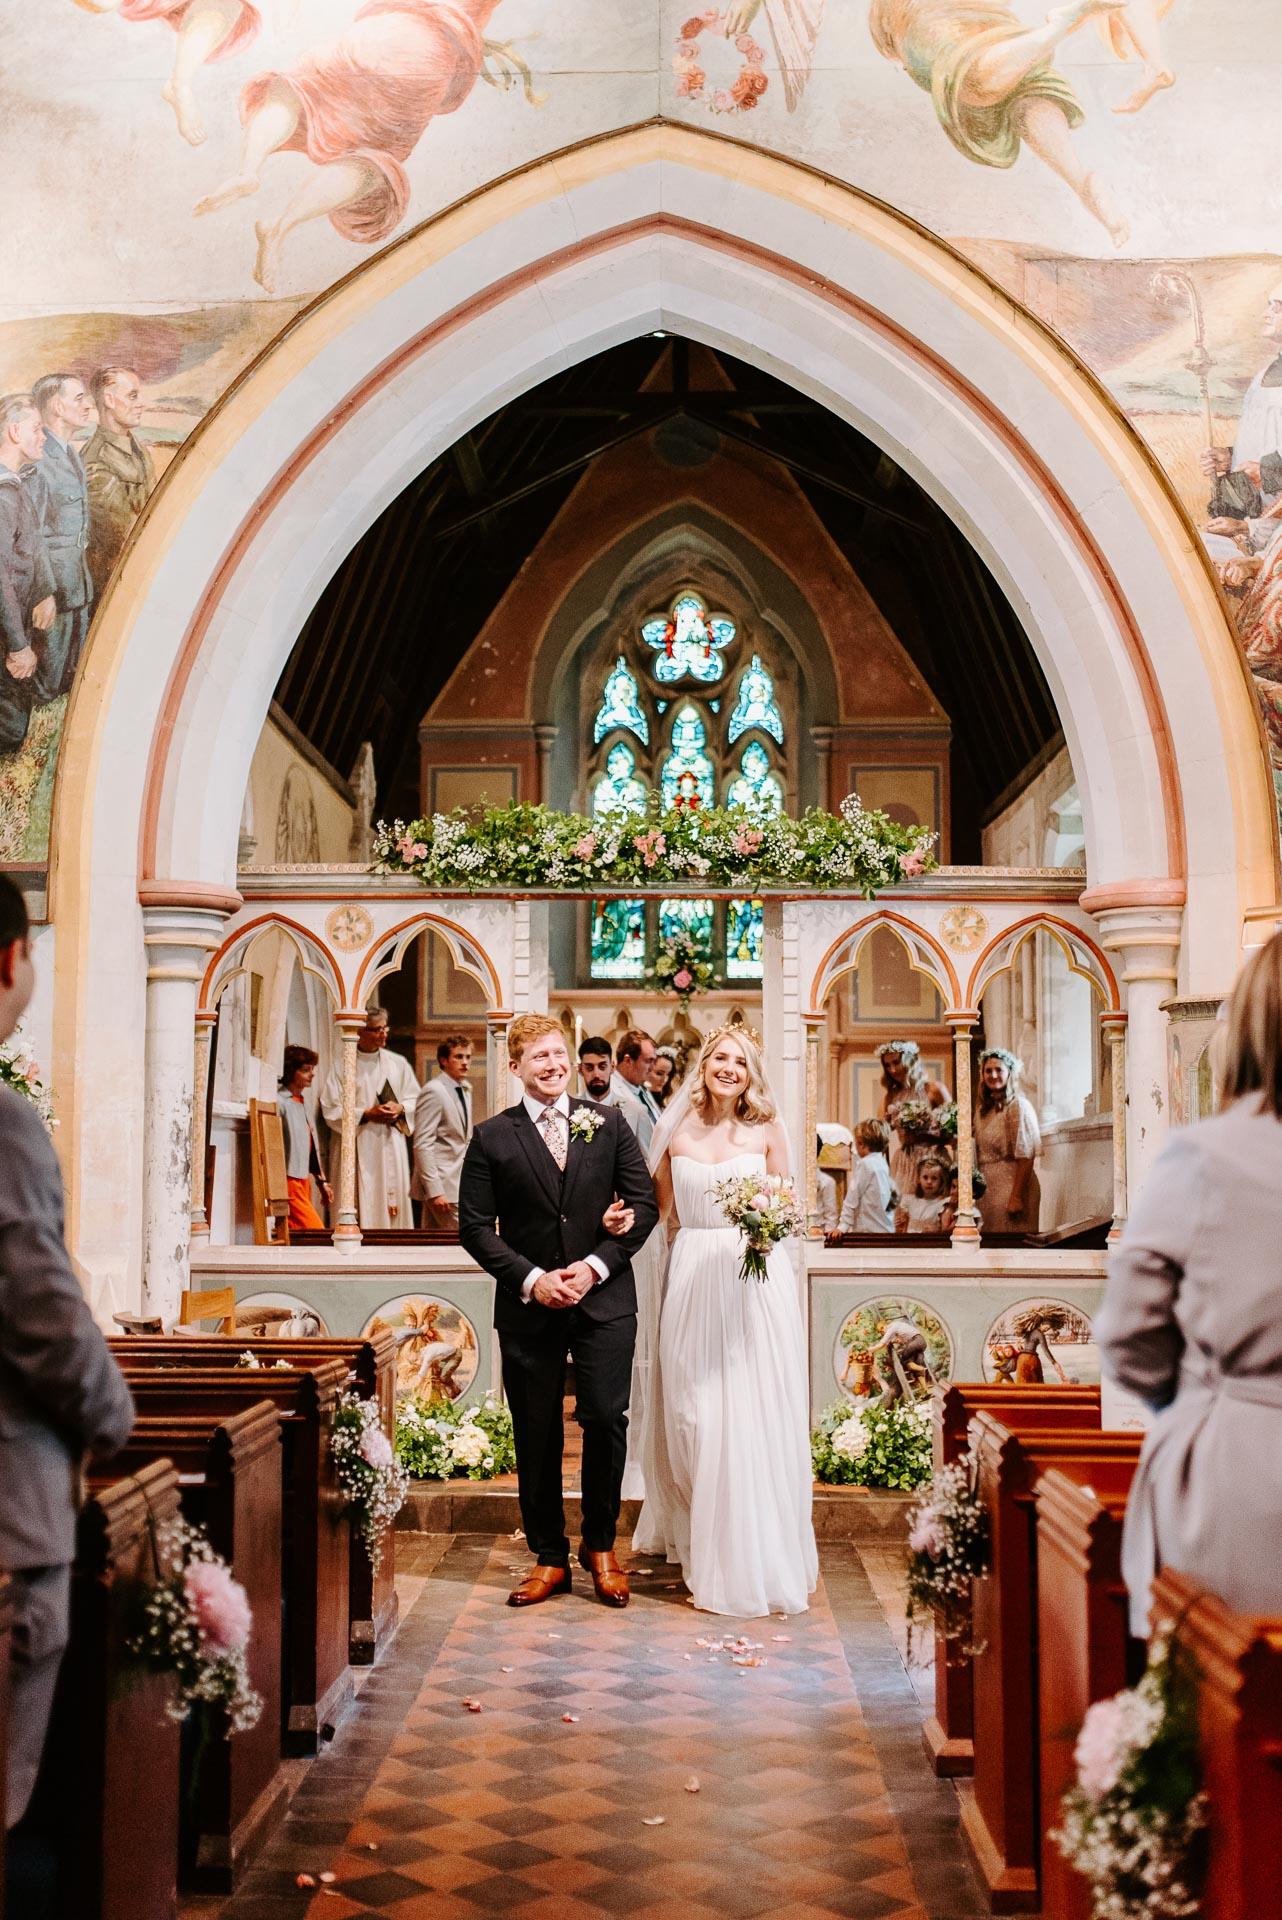 Henny_Jamie_East Sussex_Wedding_29.jpg